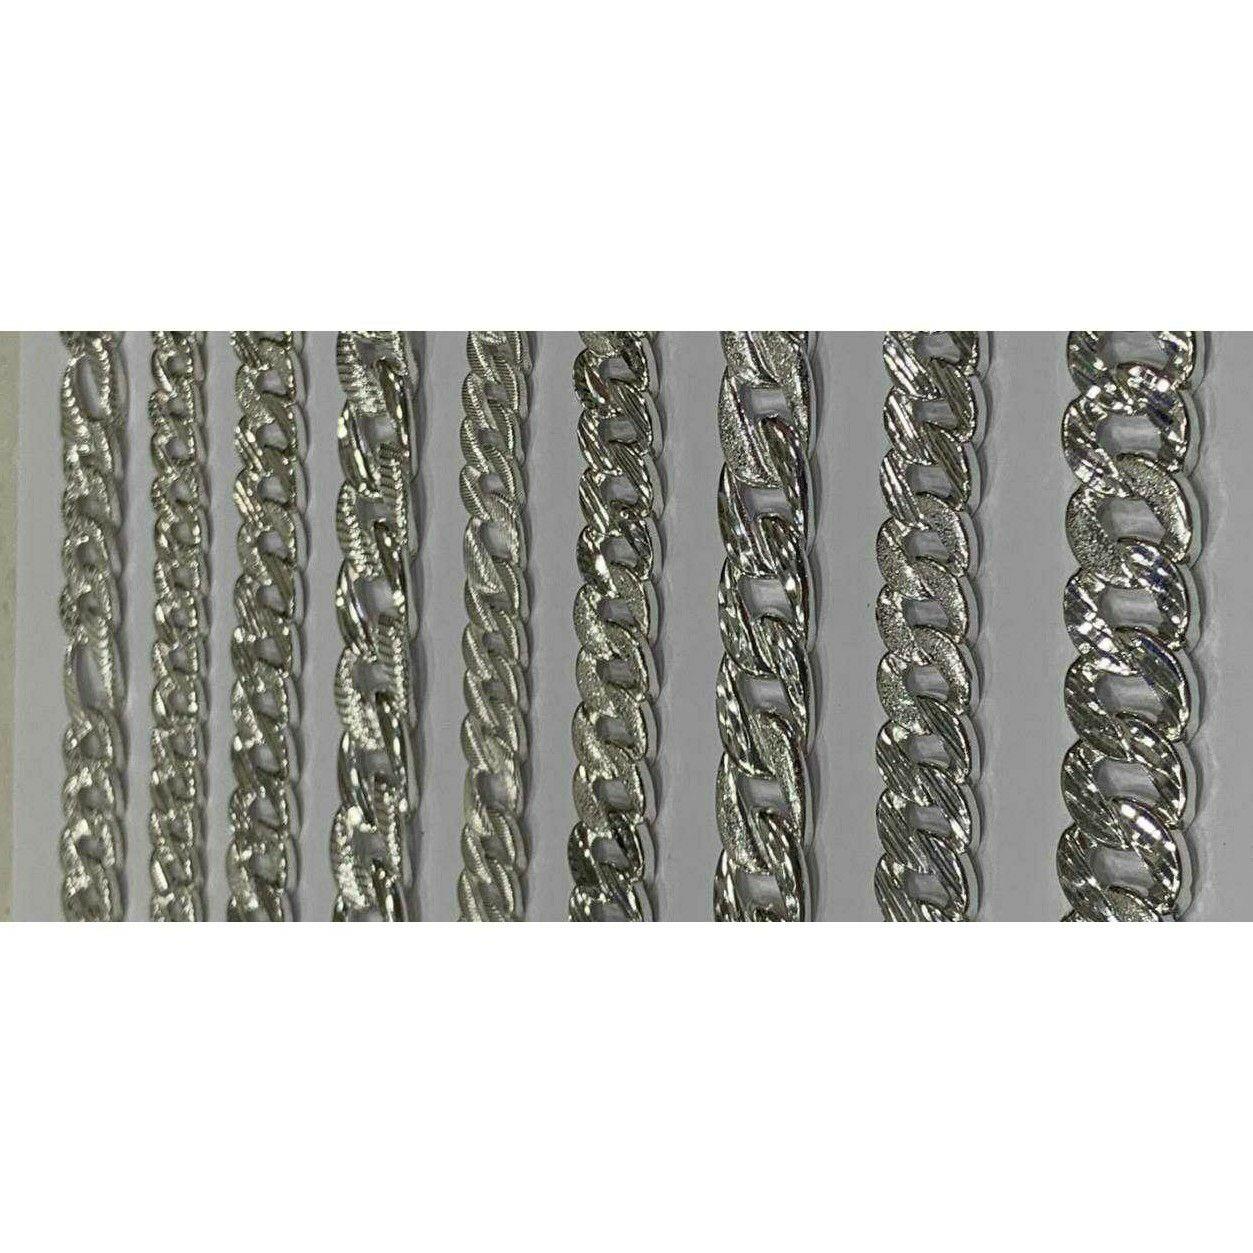 92.5 Sterling Silver Karap & Sachin Fancy Broad Chain Ms-3176